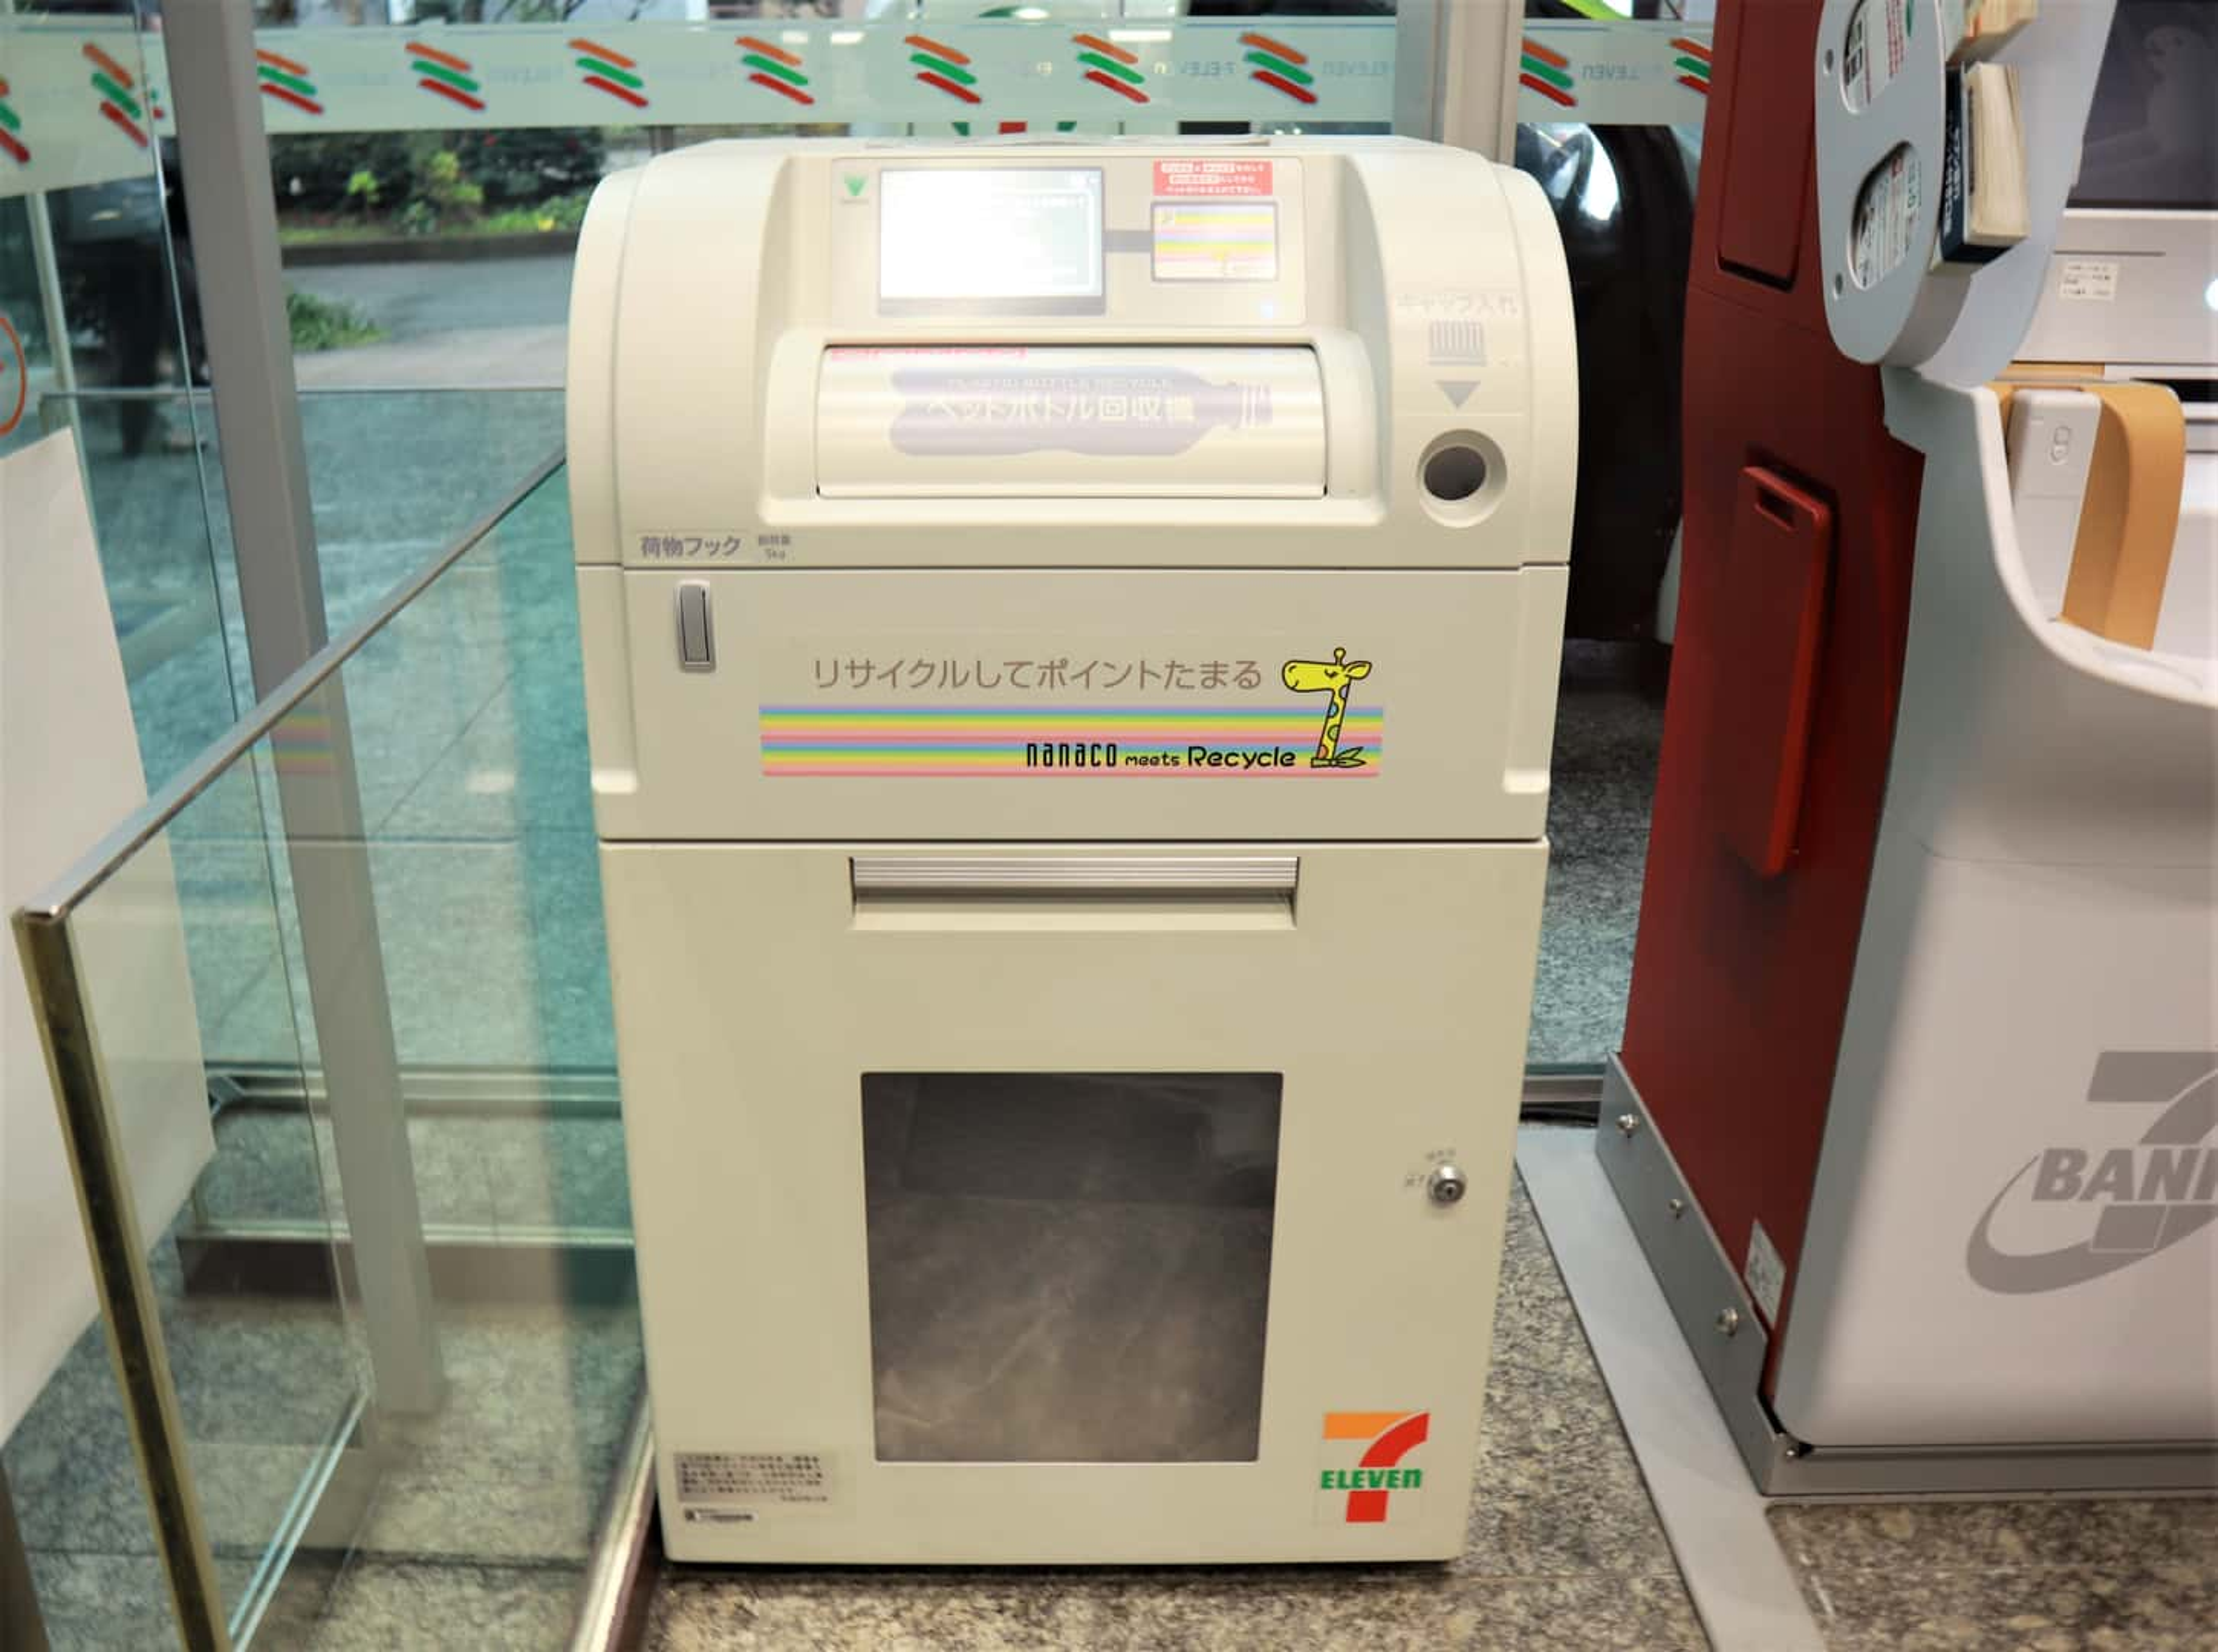 セブン-イレブンペットボトル回収機